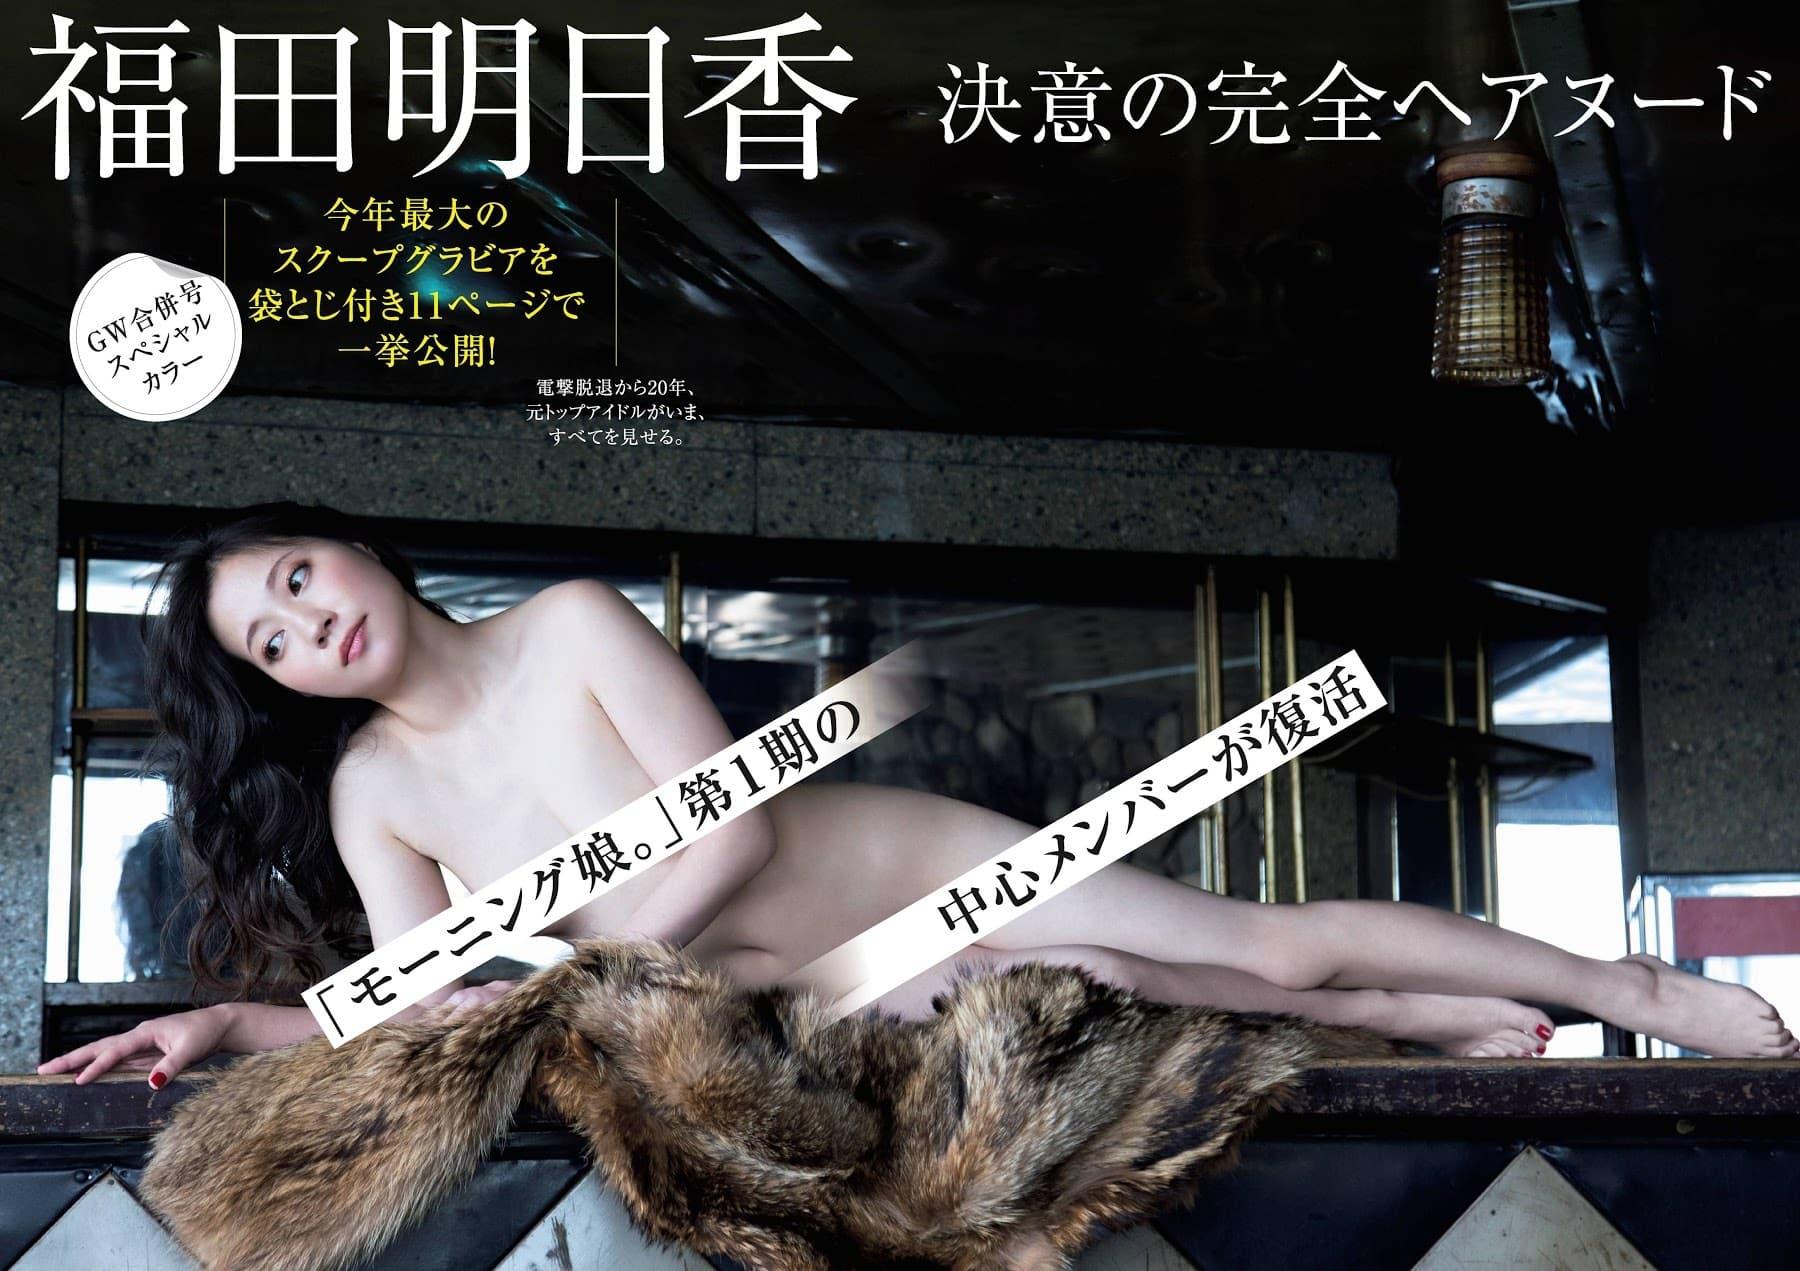 明日香 フルヌード 福田 福田明日香のヘアヌード写真集・FRIDAY・袋とじが話題